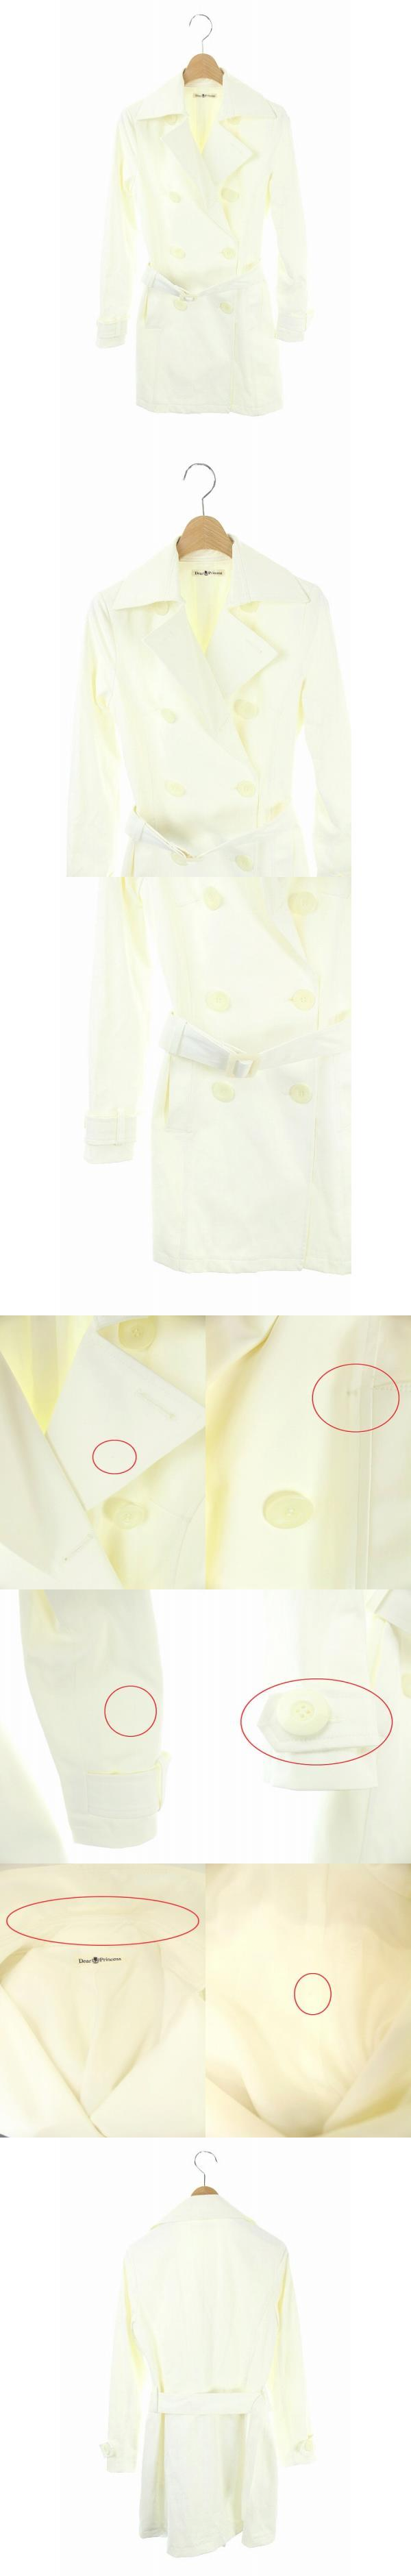 コート トレンチ調 ダブル ベルト付き ナイロン混 白 /ES ■OS